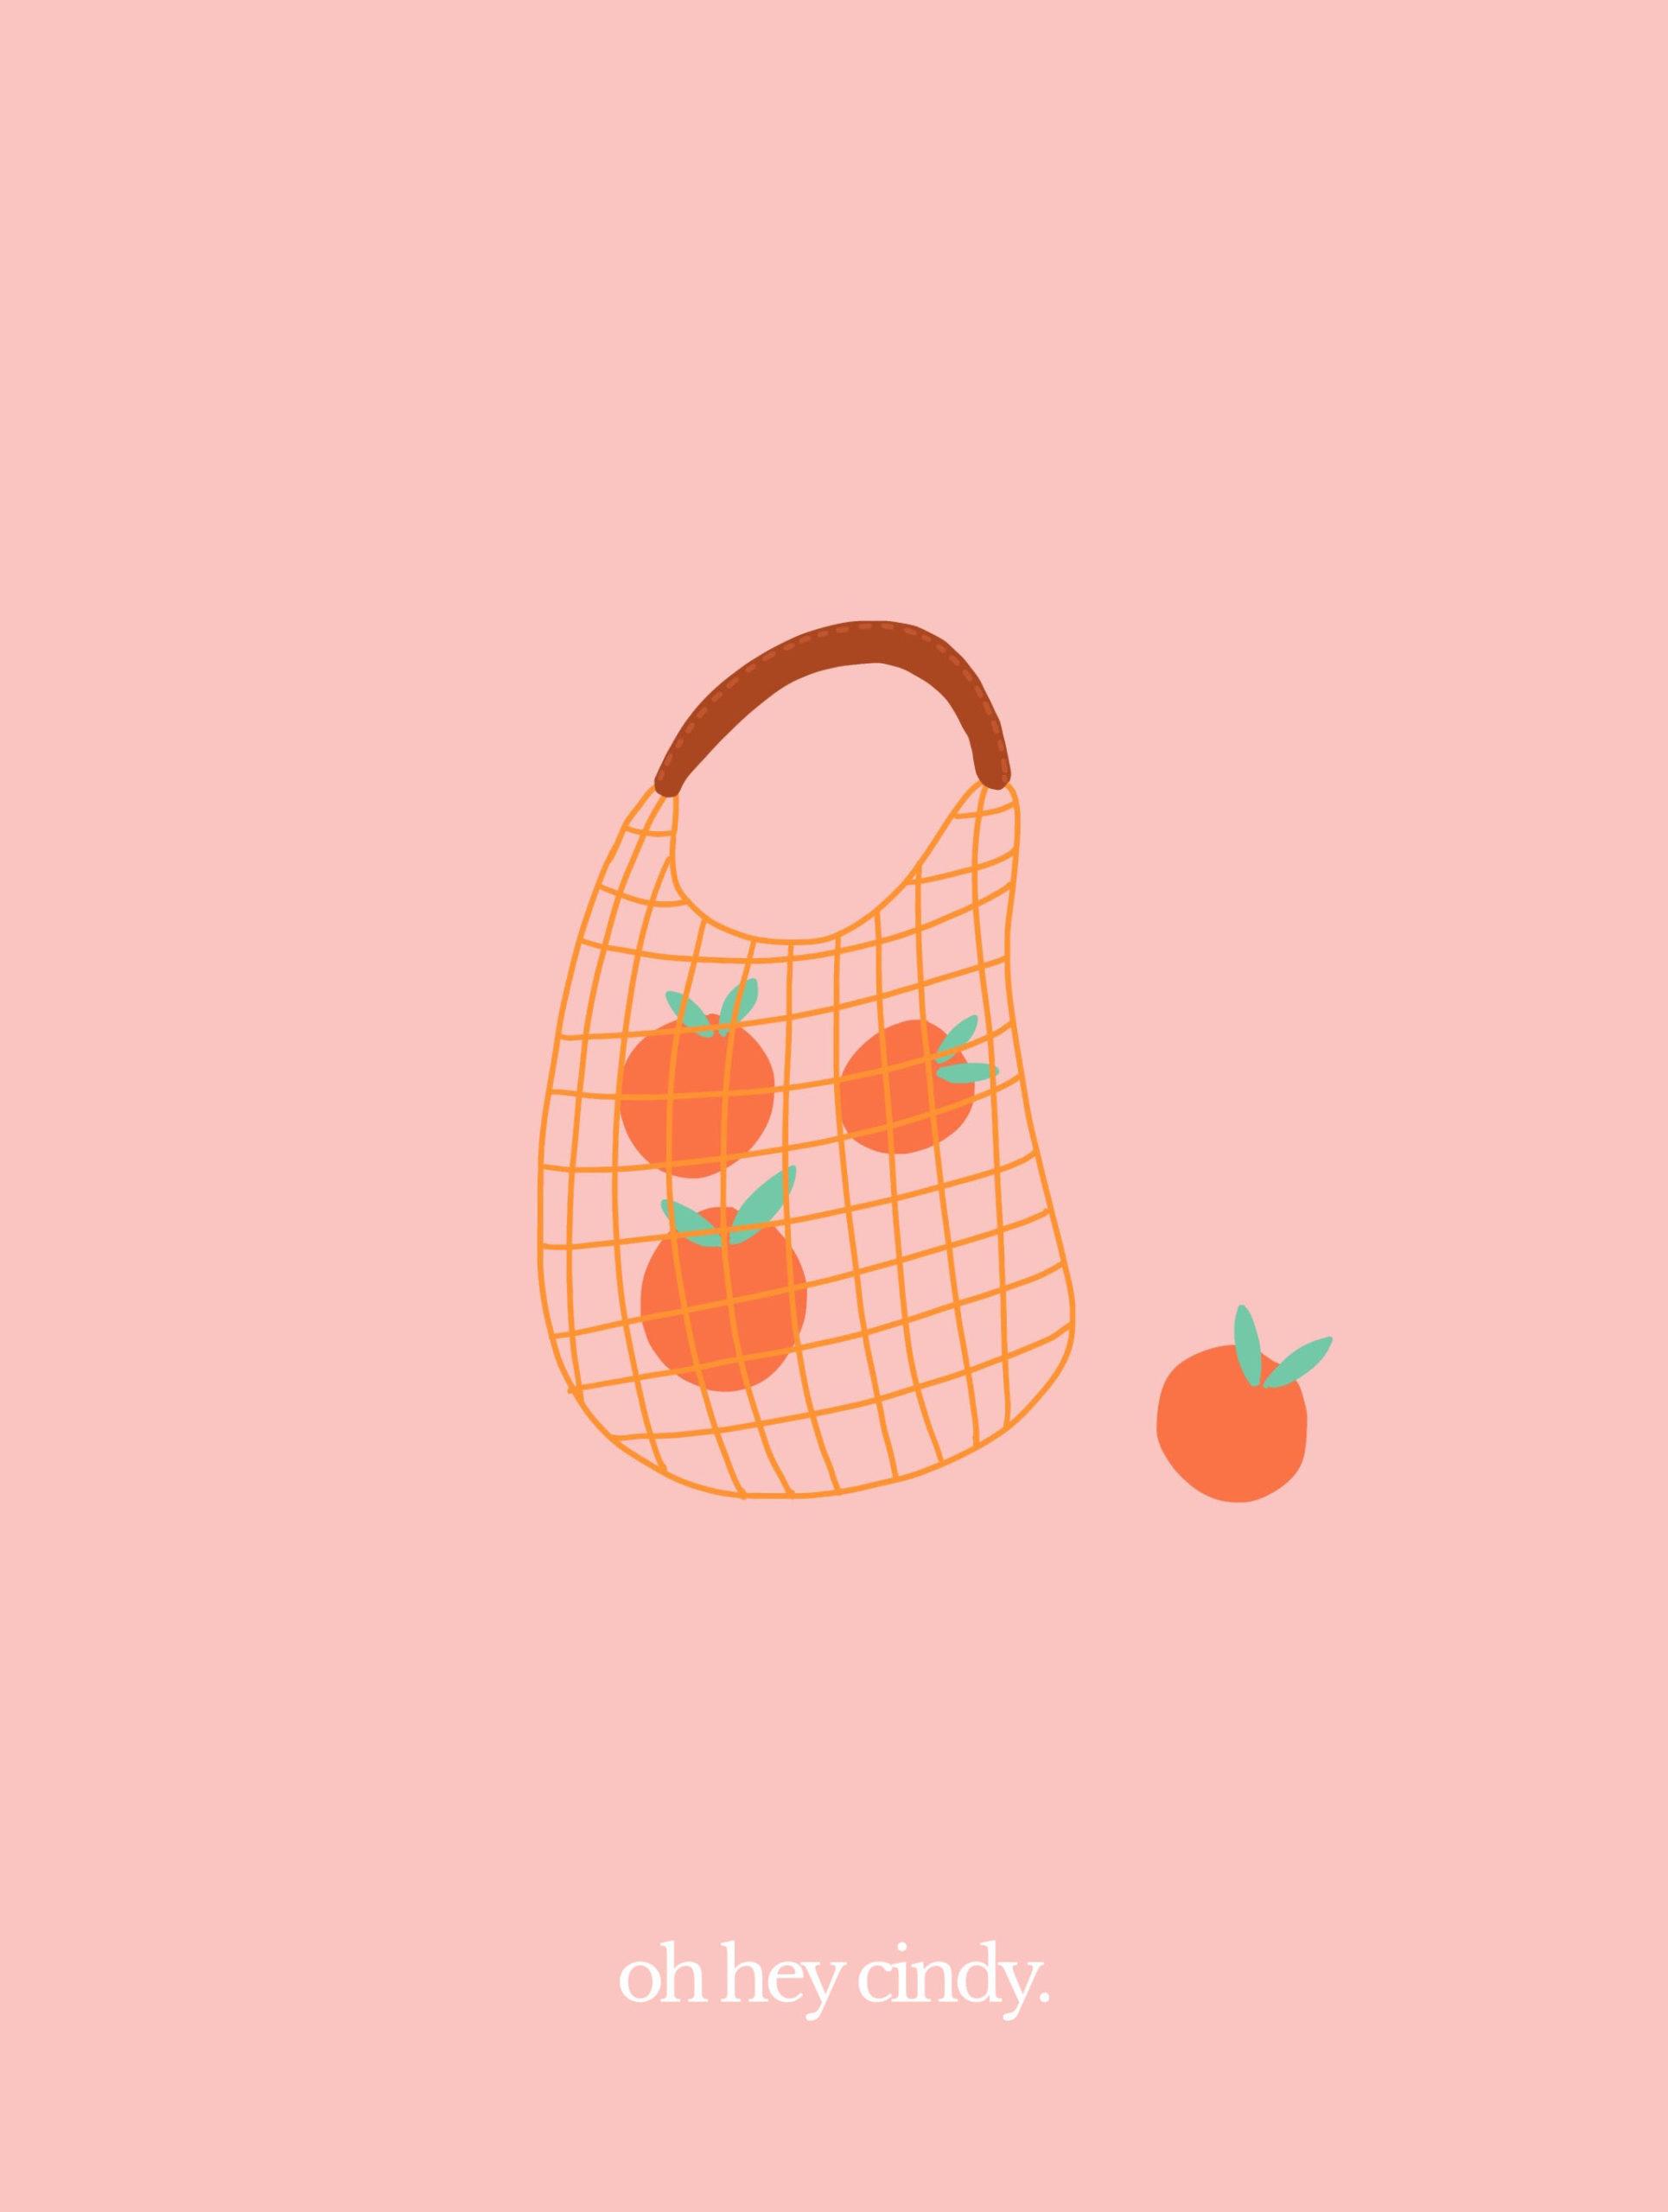 Orange Bag Illustration Video